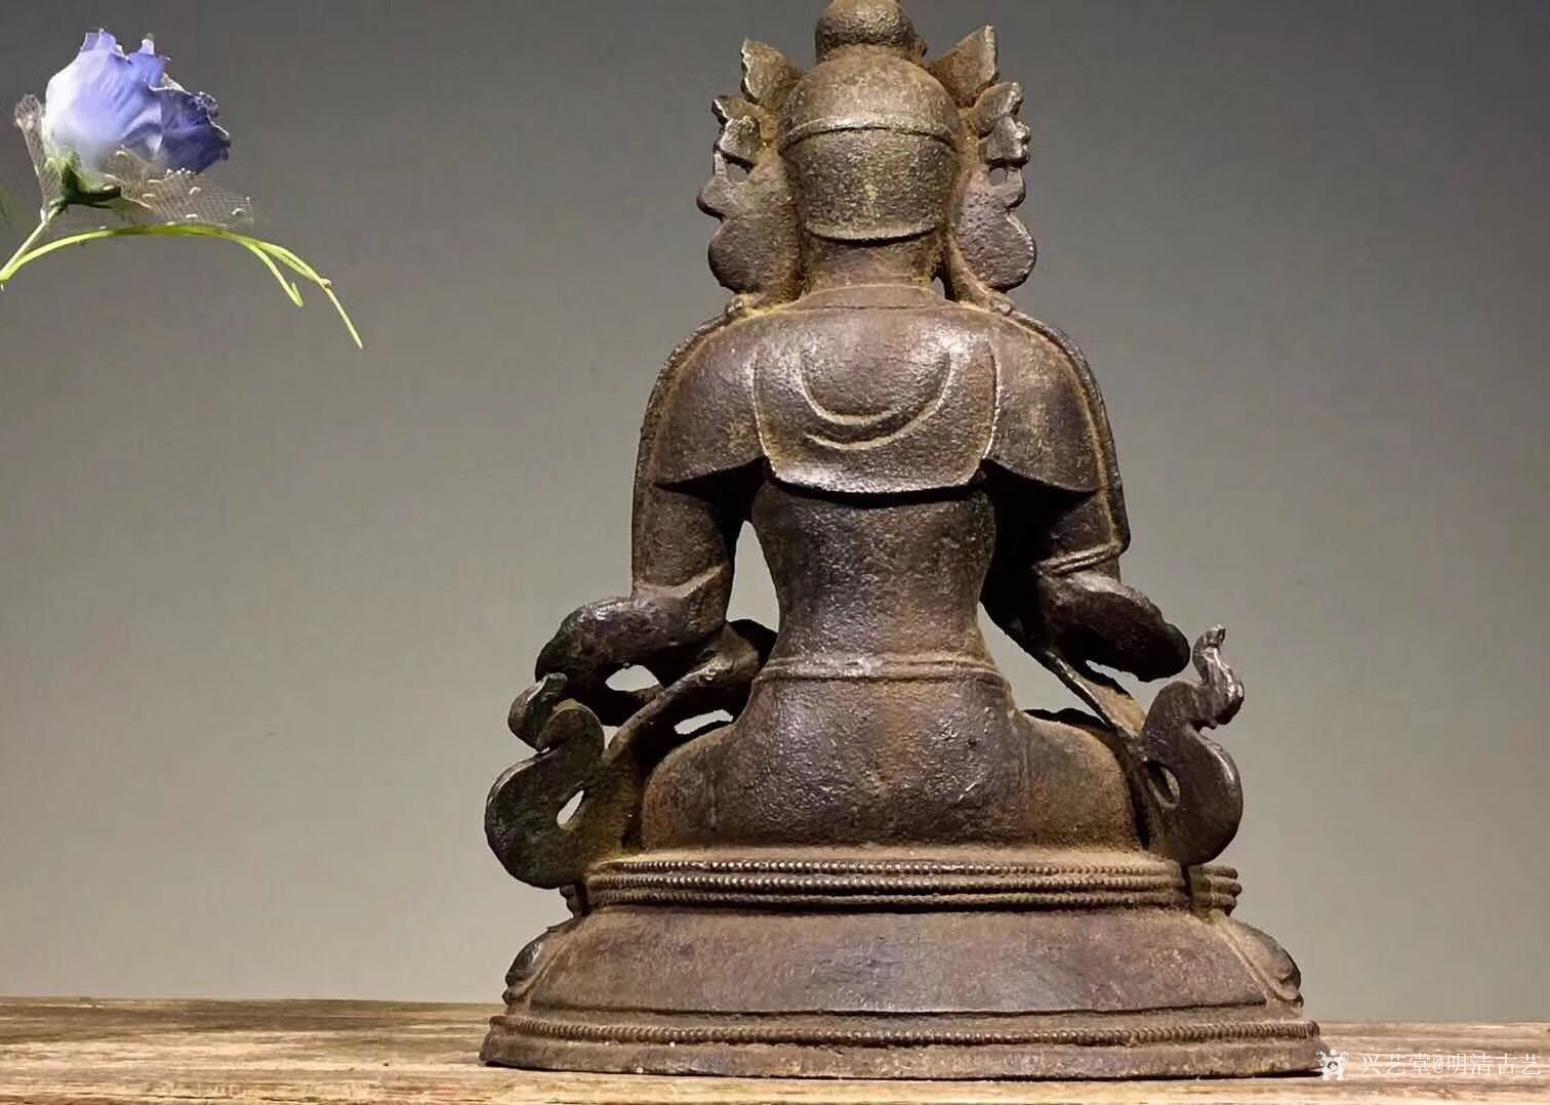 明清古艺雕刻作品《佛像菩萨盘坐》【图1】